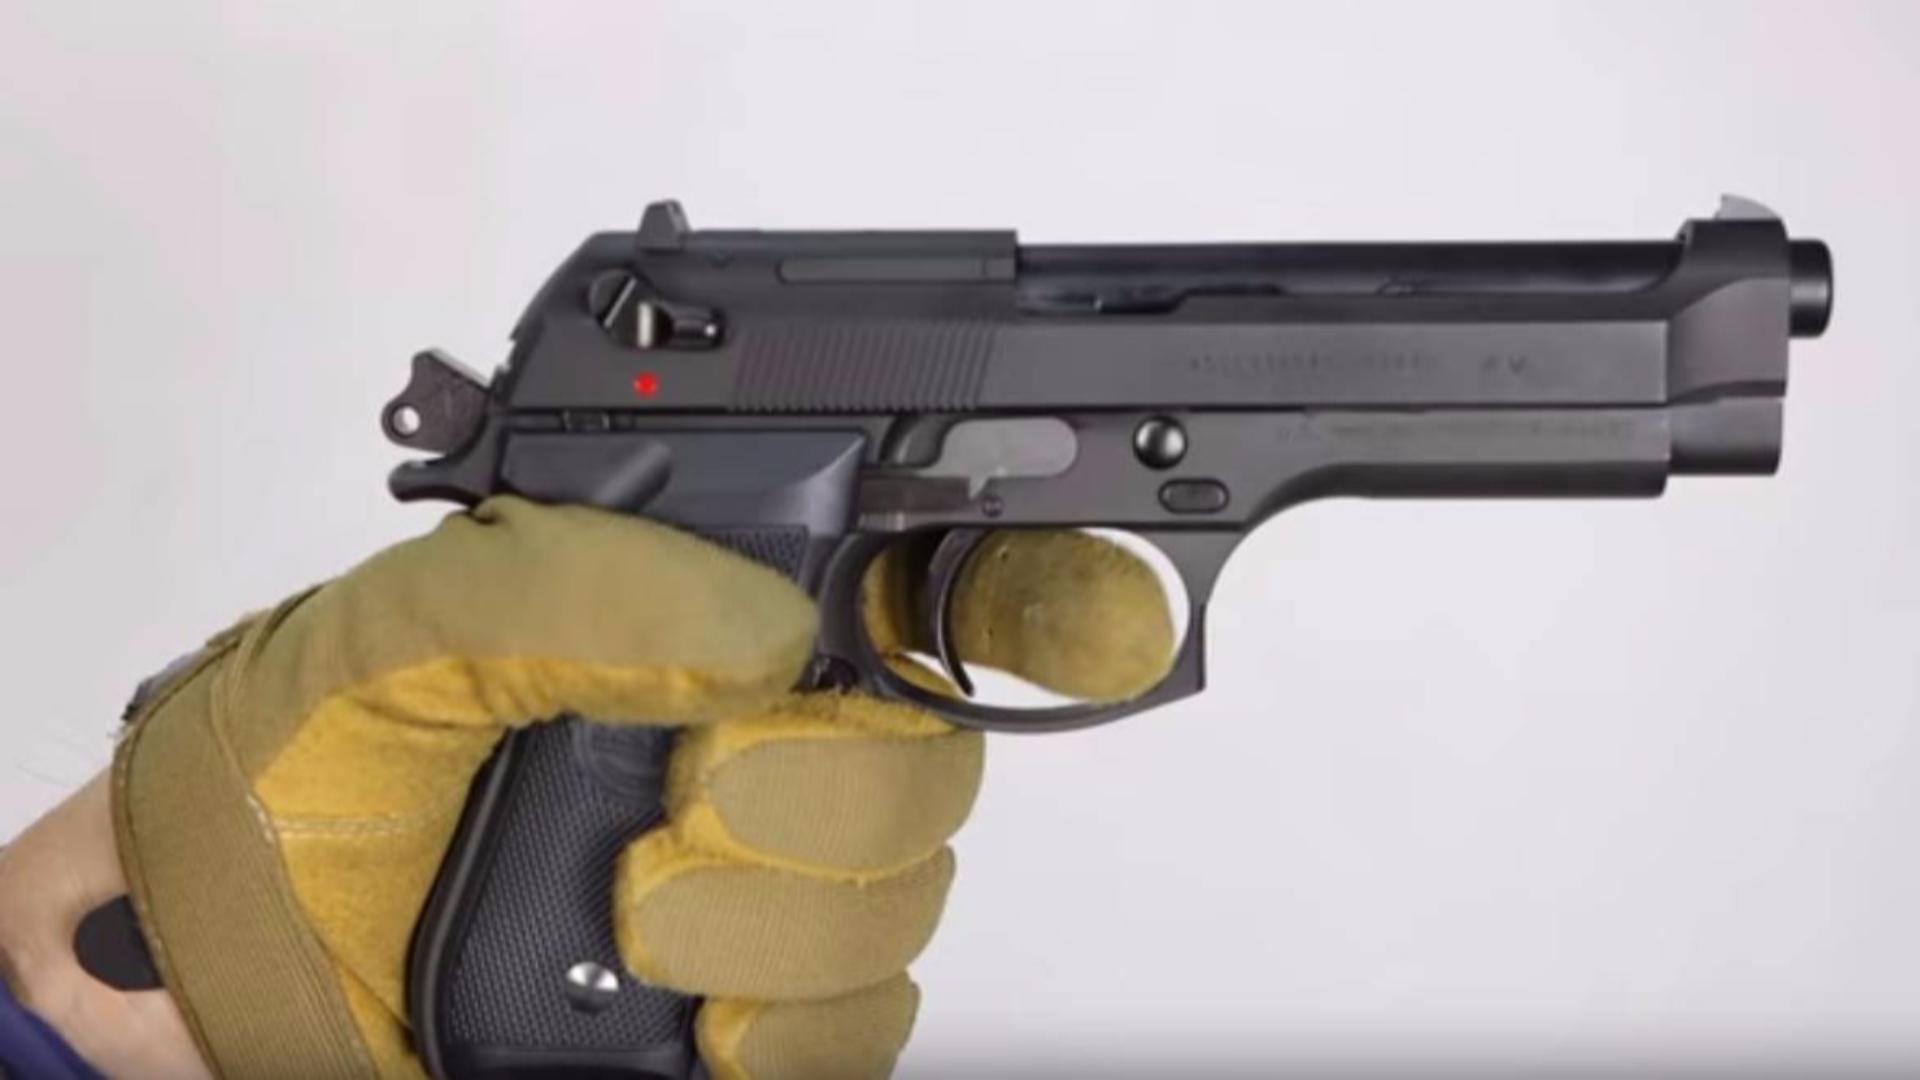 日本壕堺大叔:KSC贝雷塔U.S.9mmM9重力气枪!!